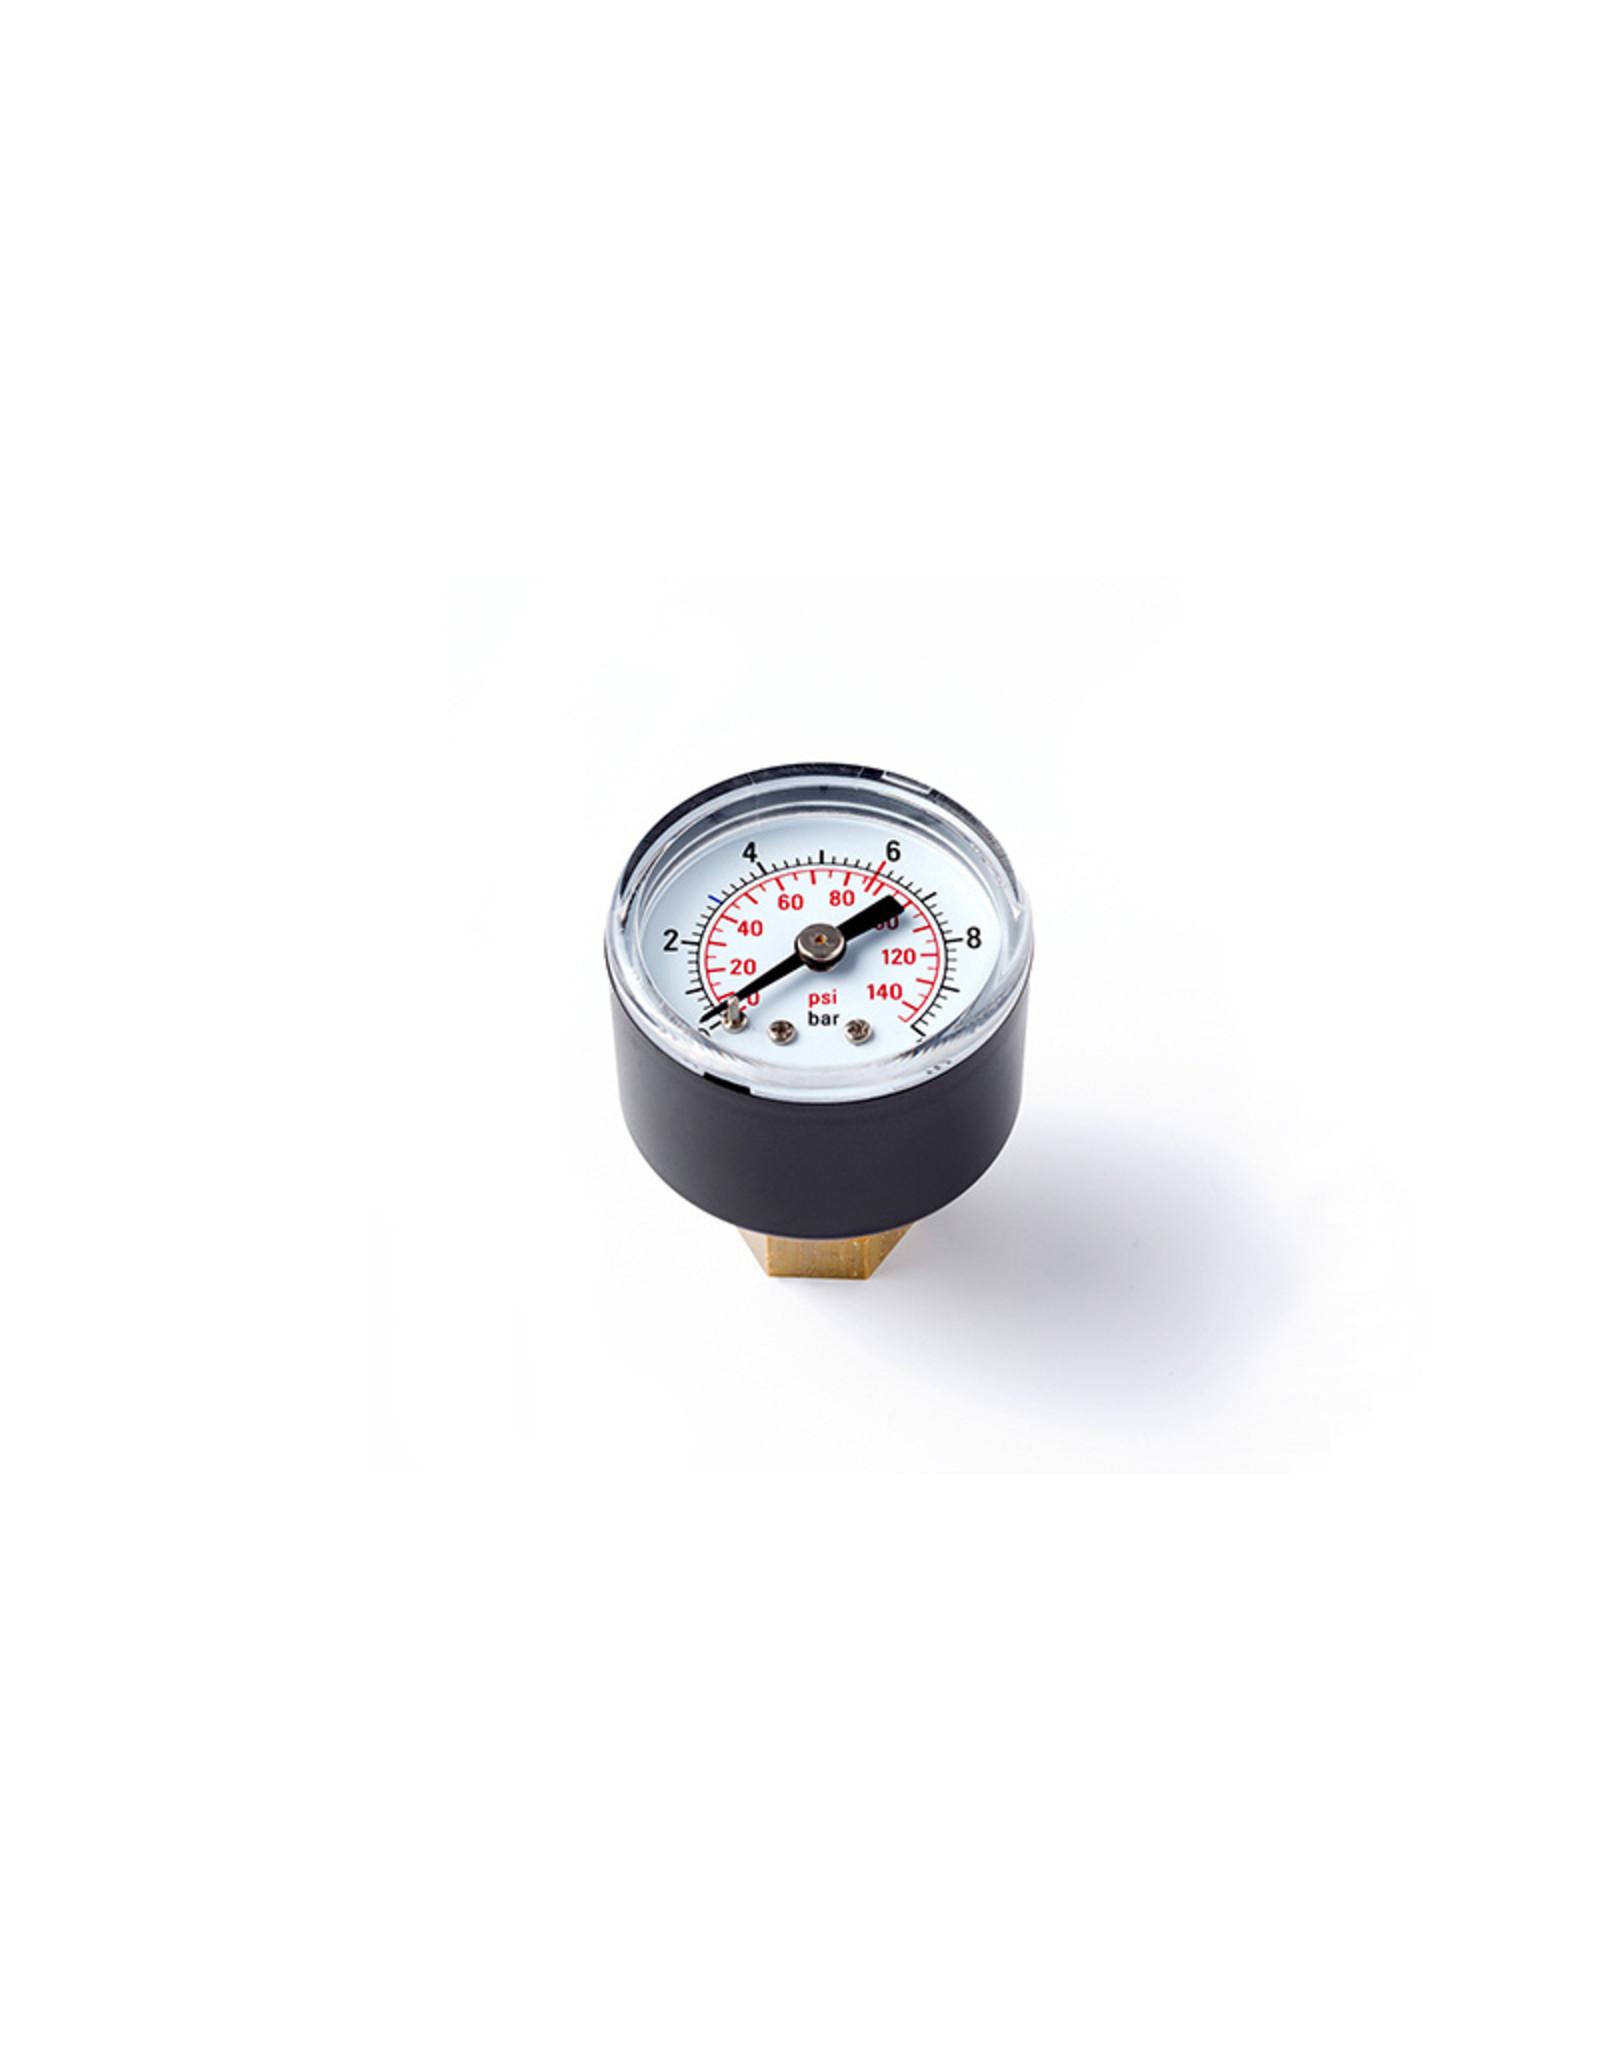 Gloria onderdelen Manometer 6 bar met afdichting voor Hogedrukspuiten